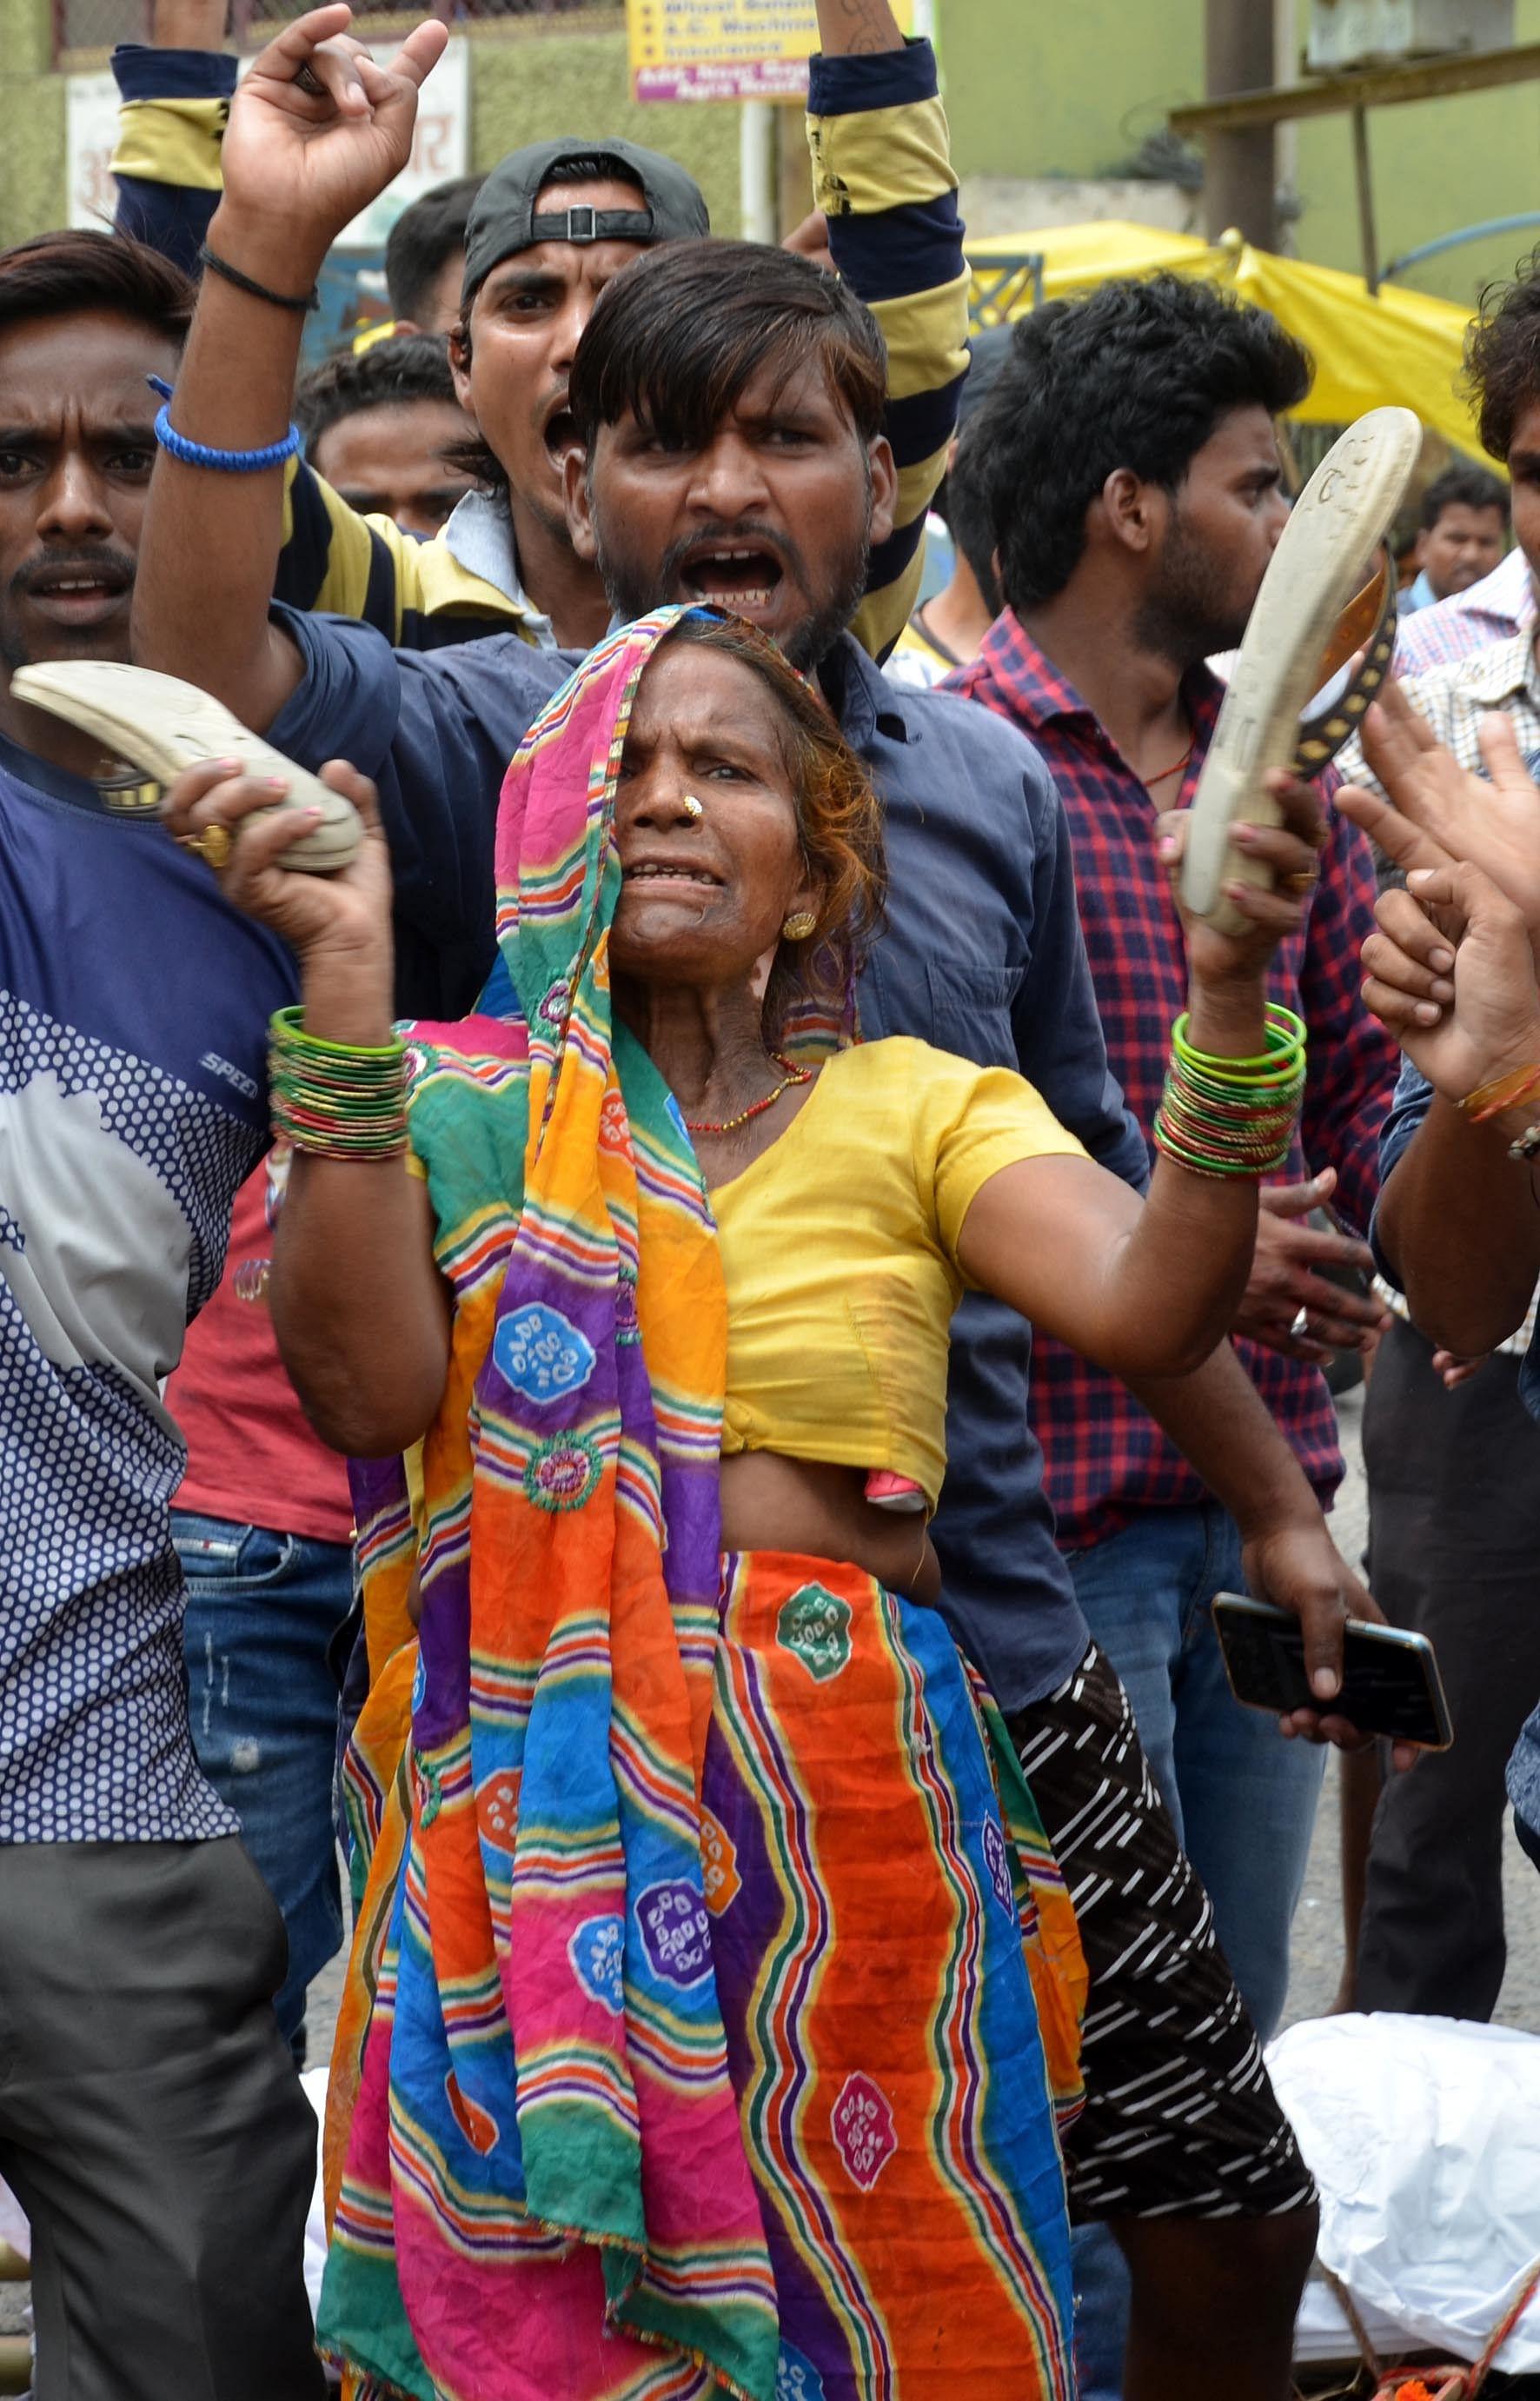 हाथरस अड्डा पर शव रखकर हाथों में चप्पल लेकर हंगामा करती महिला।